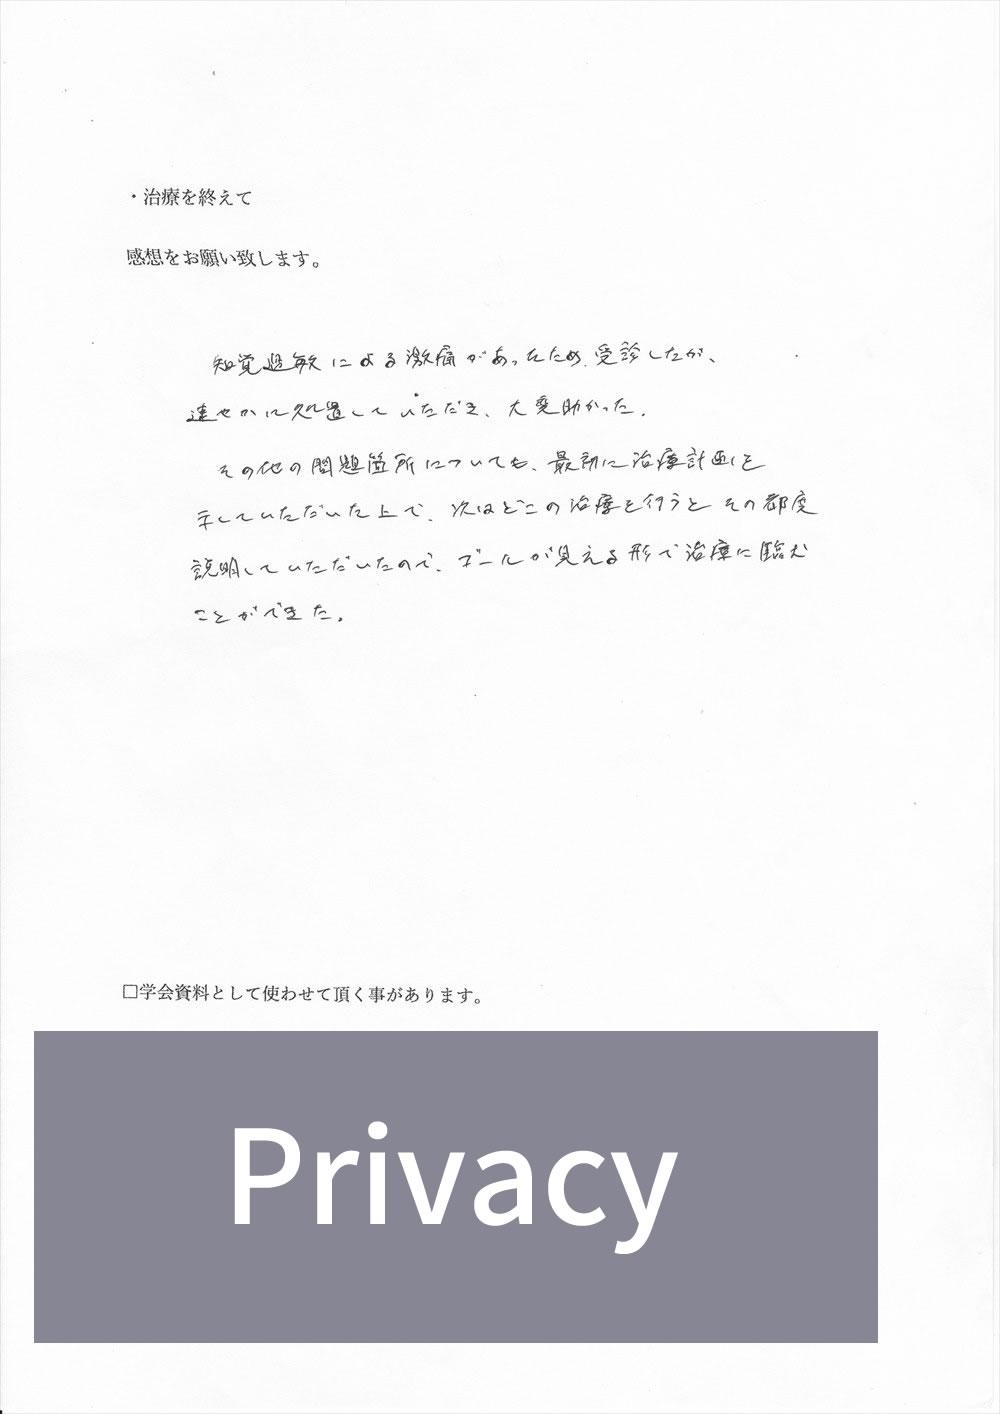 浦和もちまる歯科・矯正歯科の口コミ・評判アンケート2